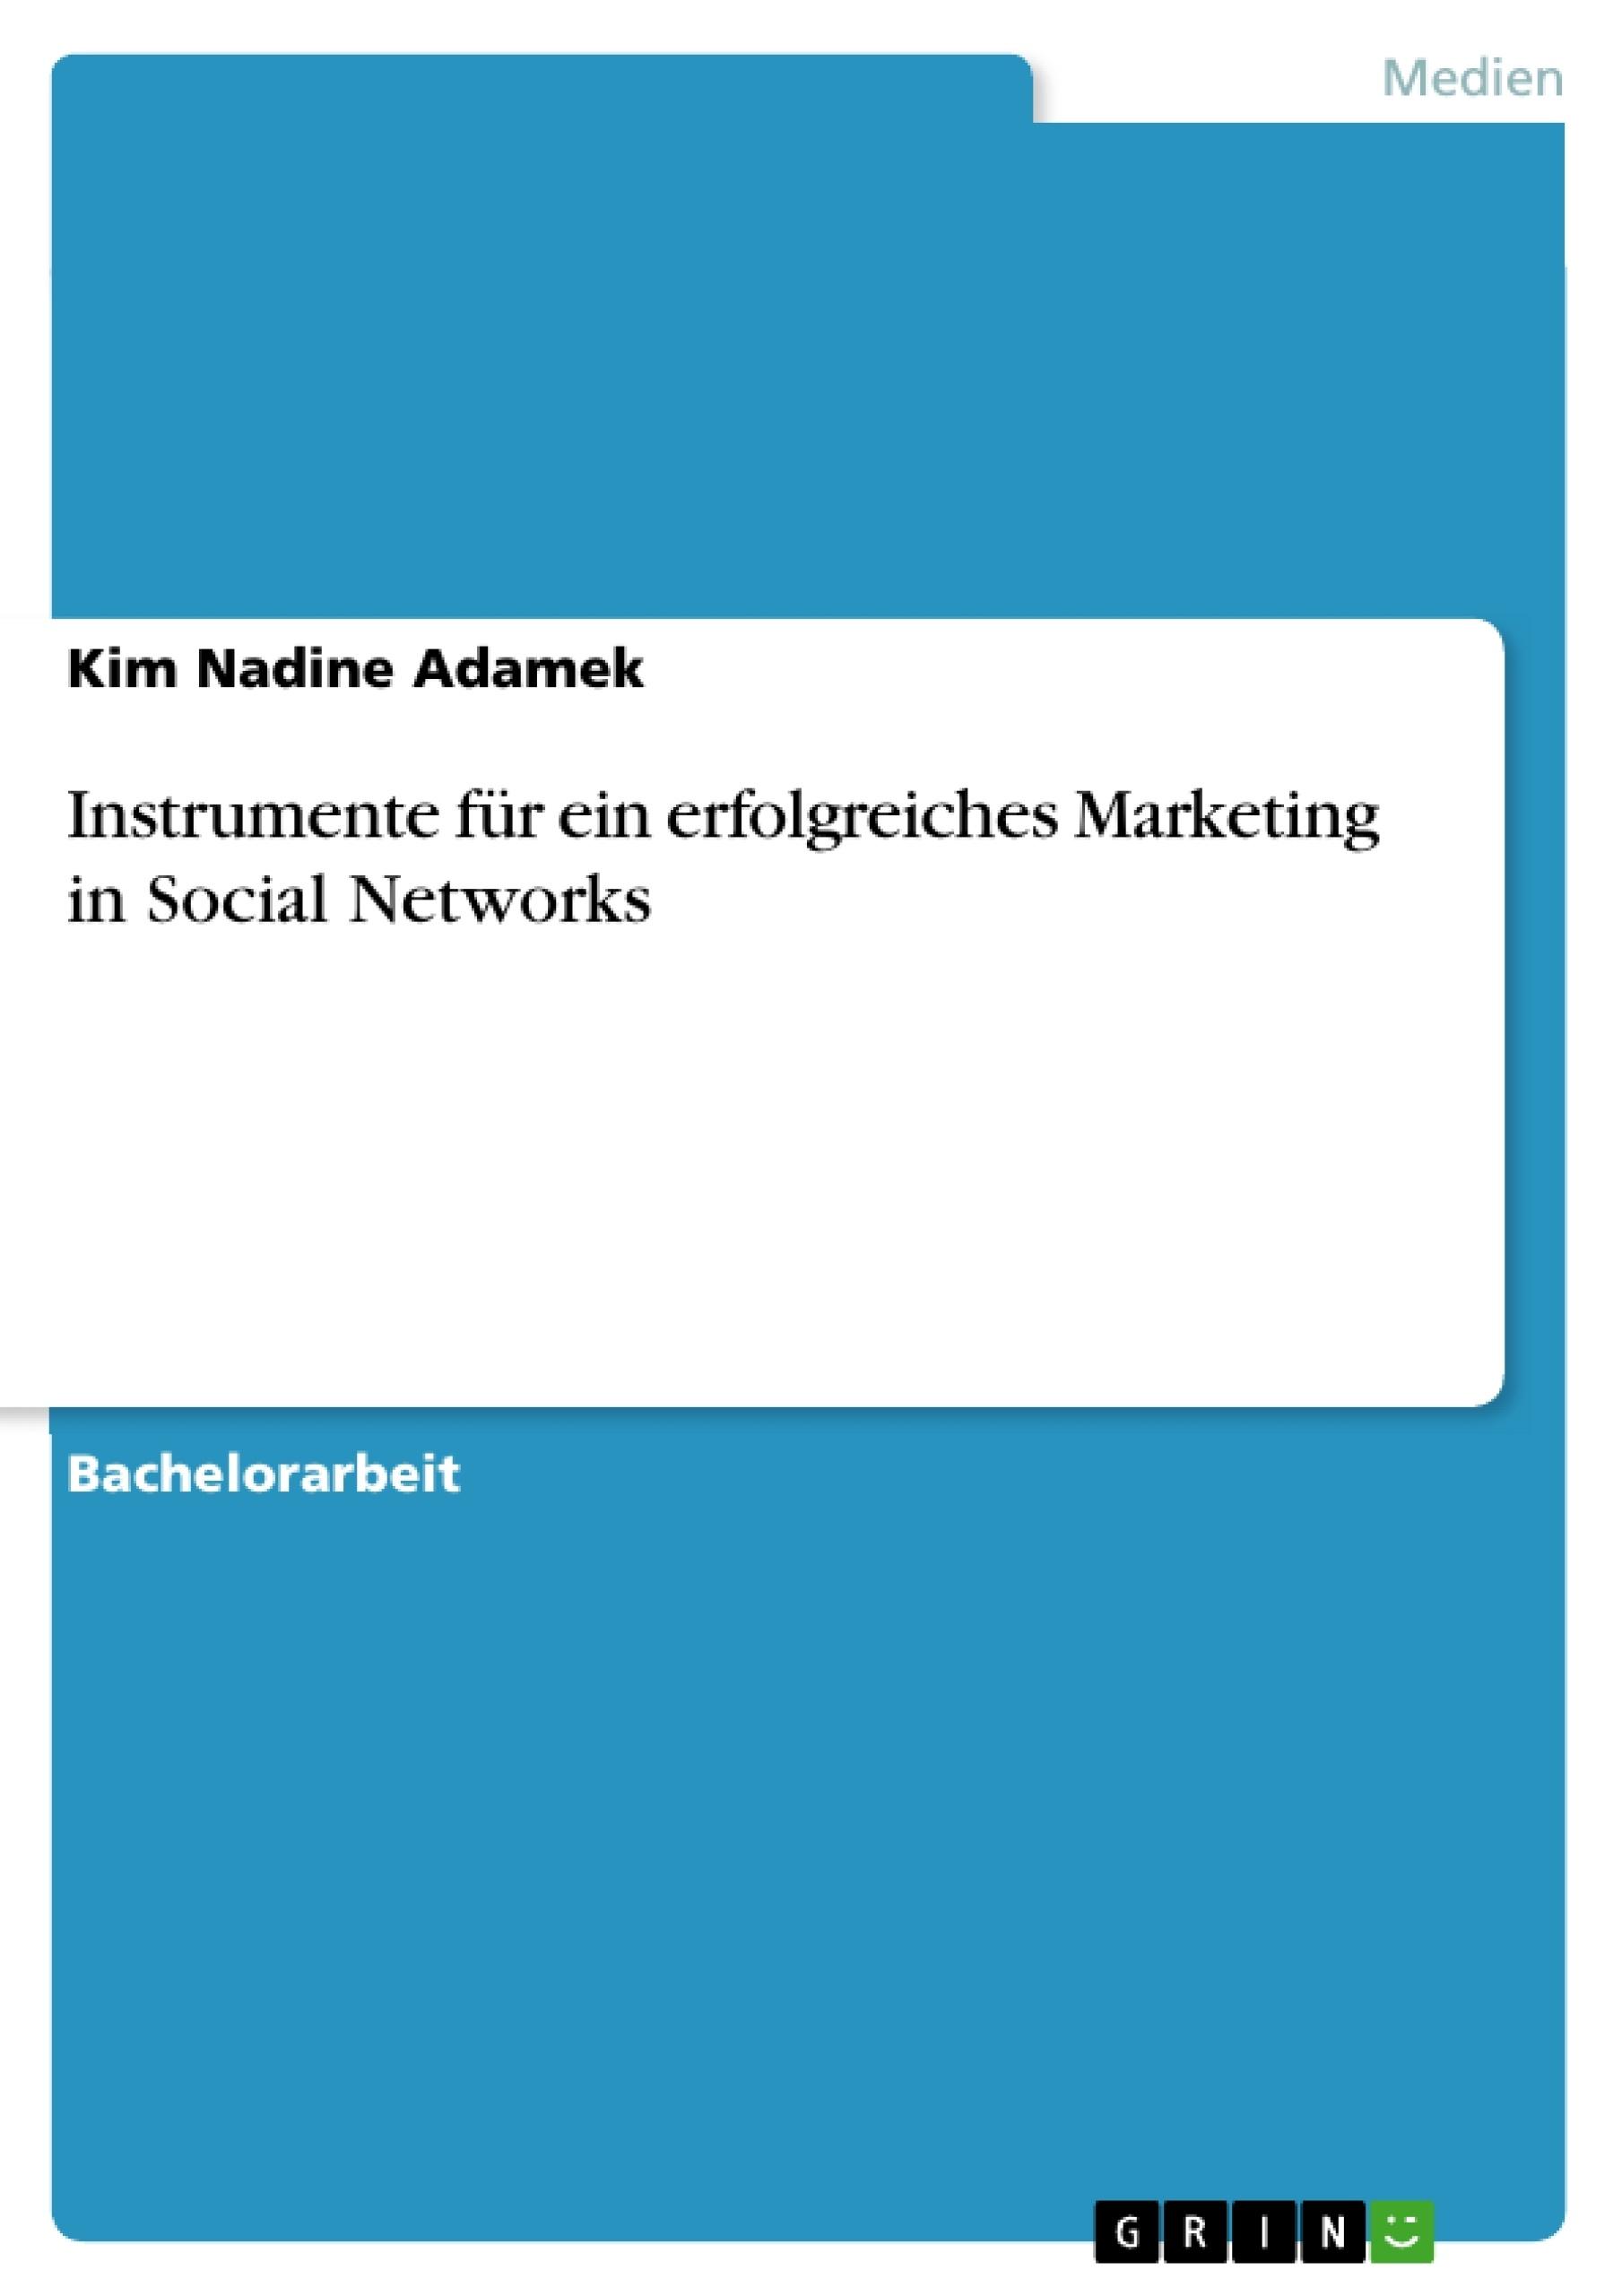 Titel: Instrumente für ein erfolgreiches Marketing in Social Networks